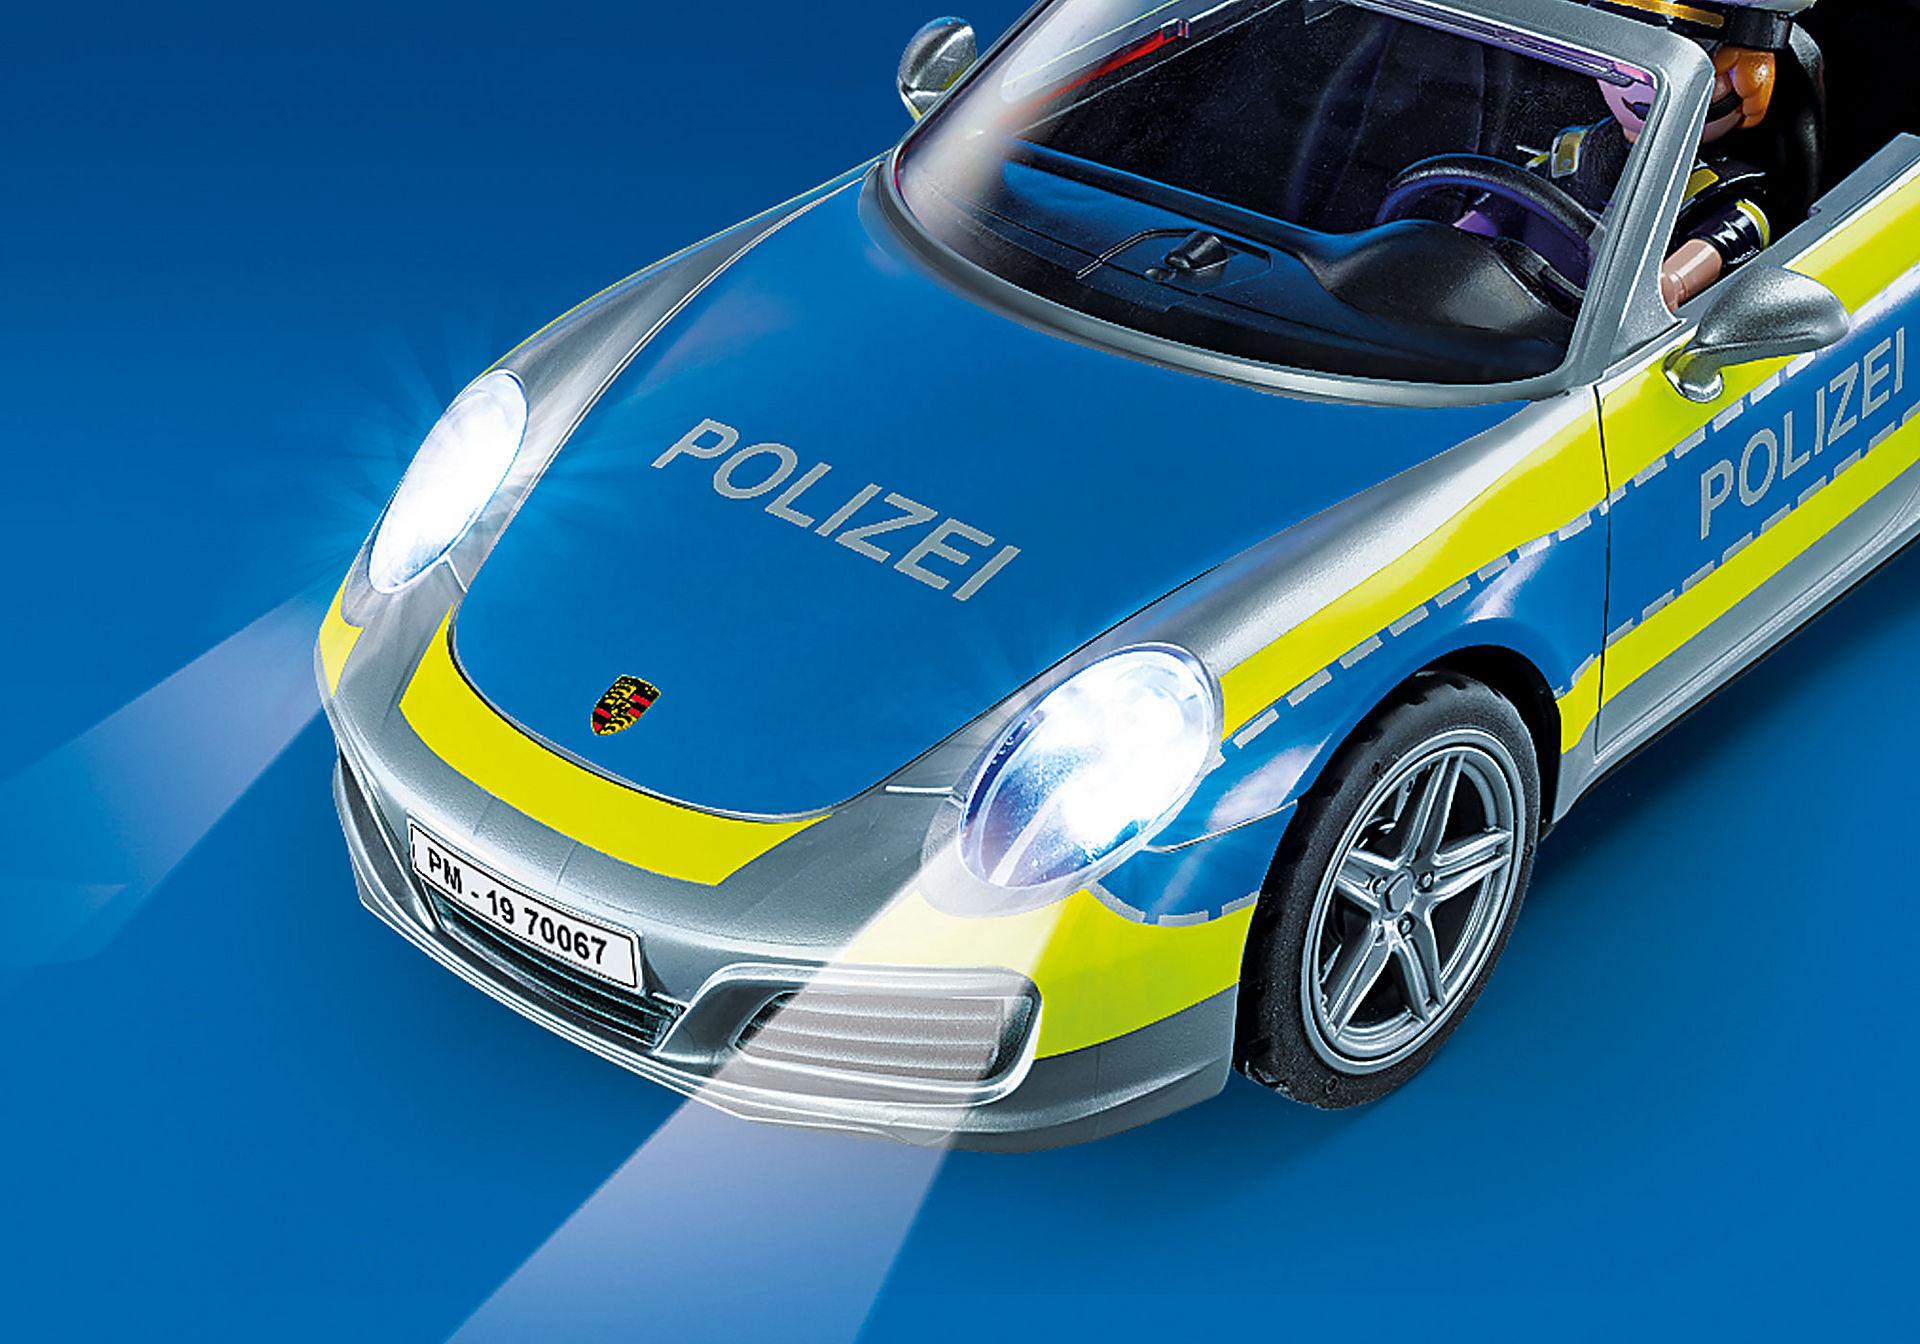 70067 Porsche 911 Carrera 4S Politie - grijs zoom image5